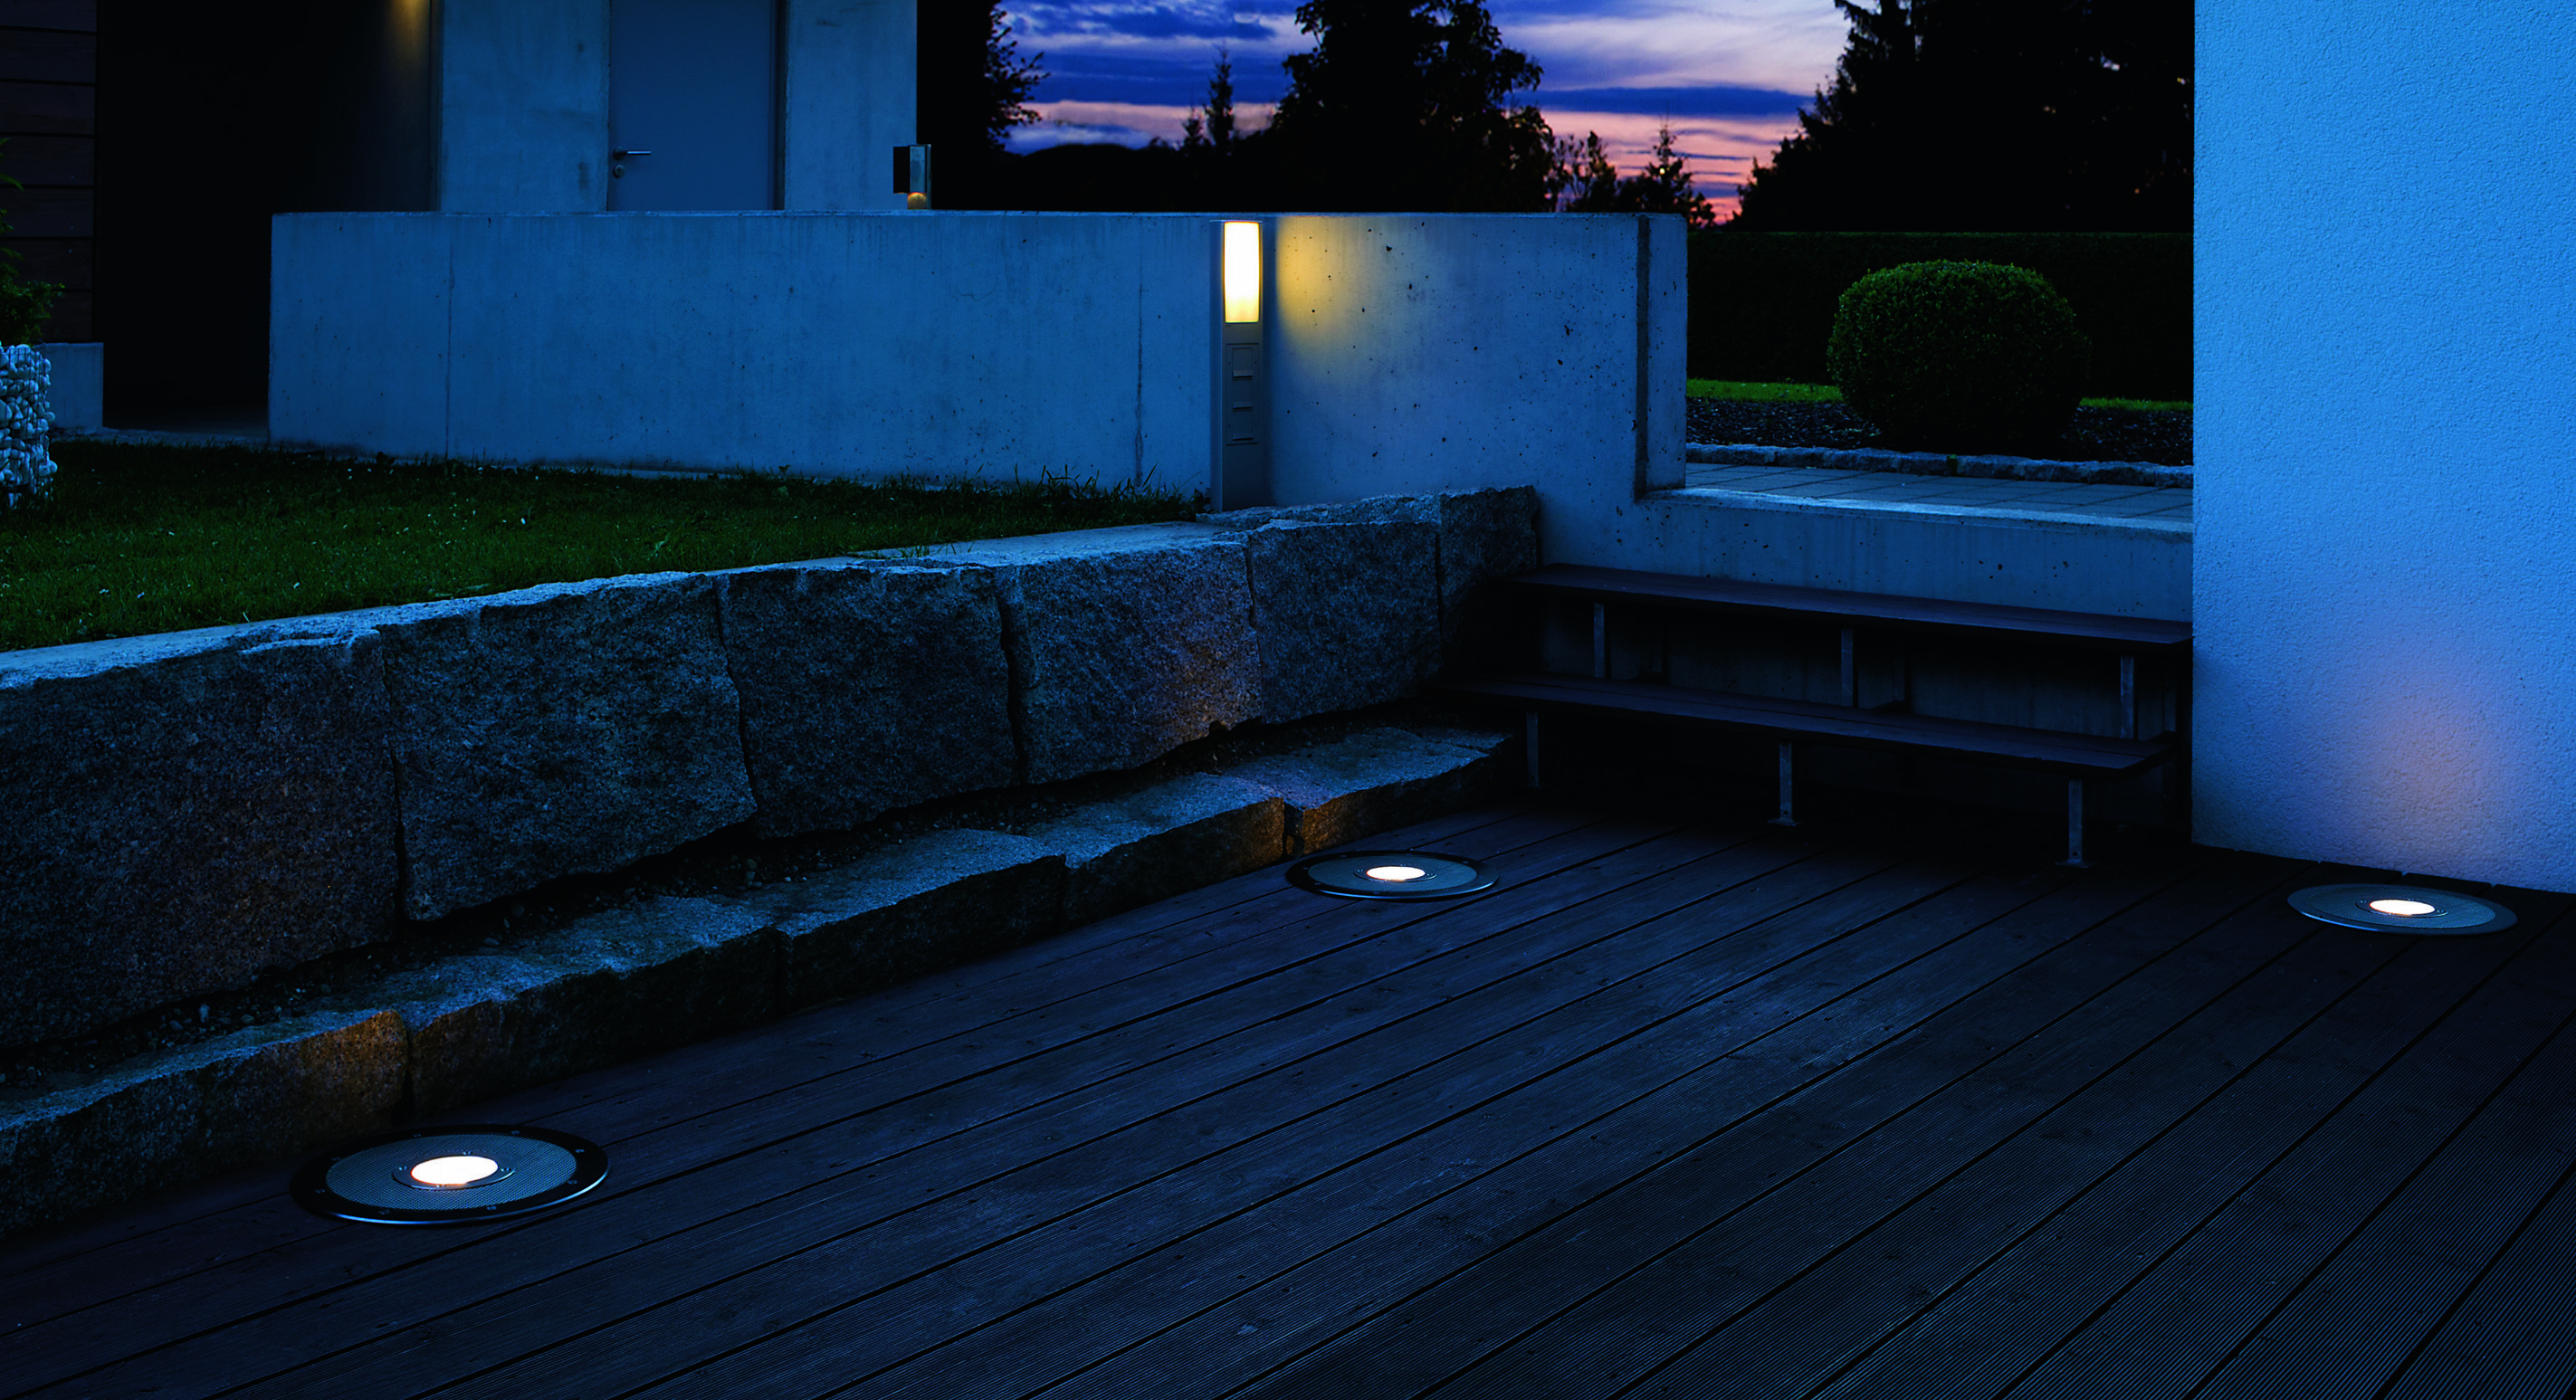 nagłośnienie ogrodu i oświetlenie w jednym - produkty WHD od TechnikaDesign.pl